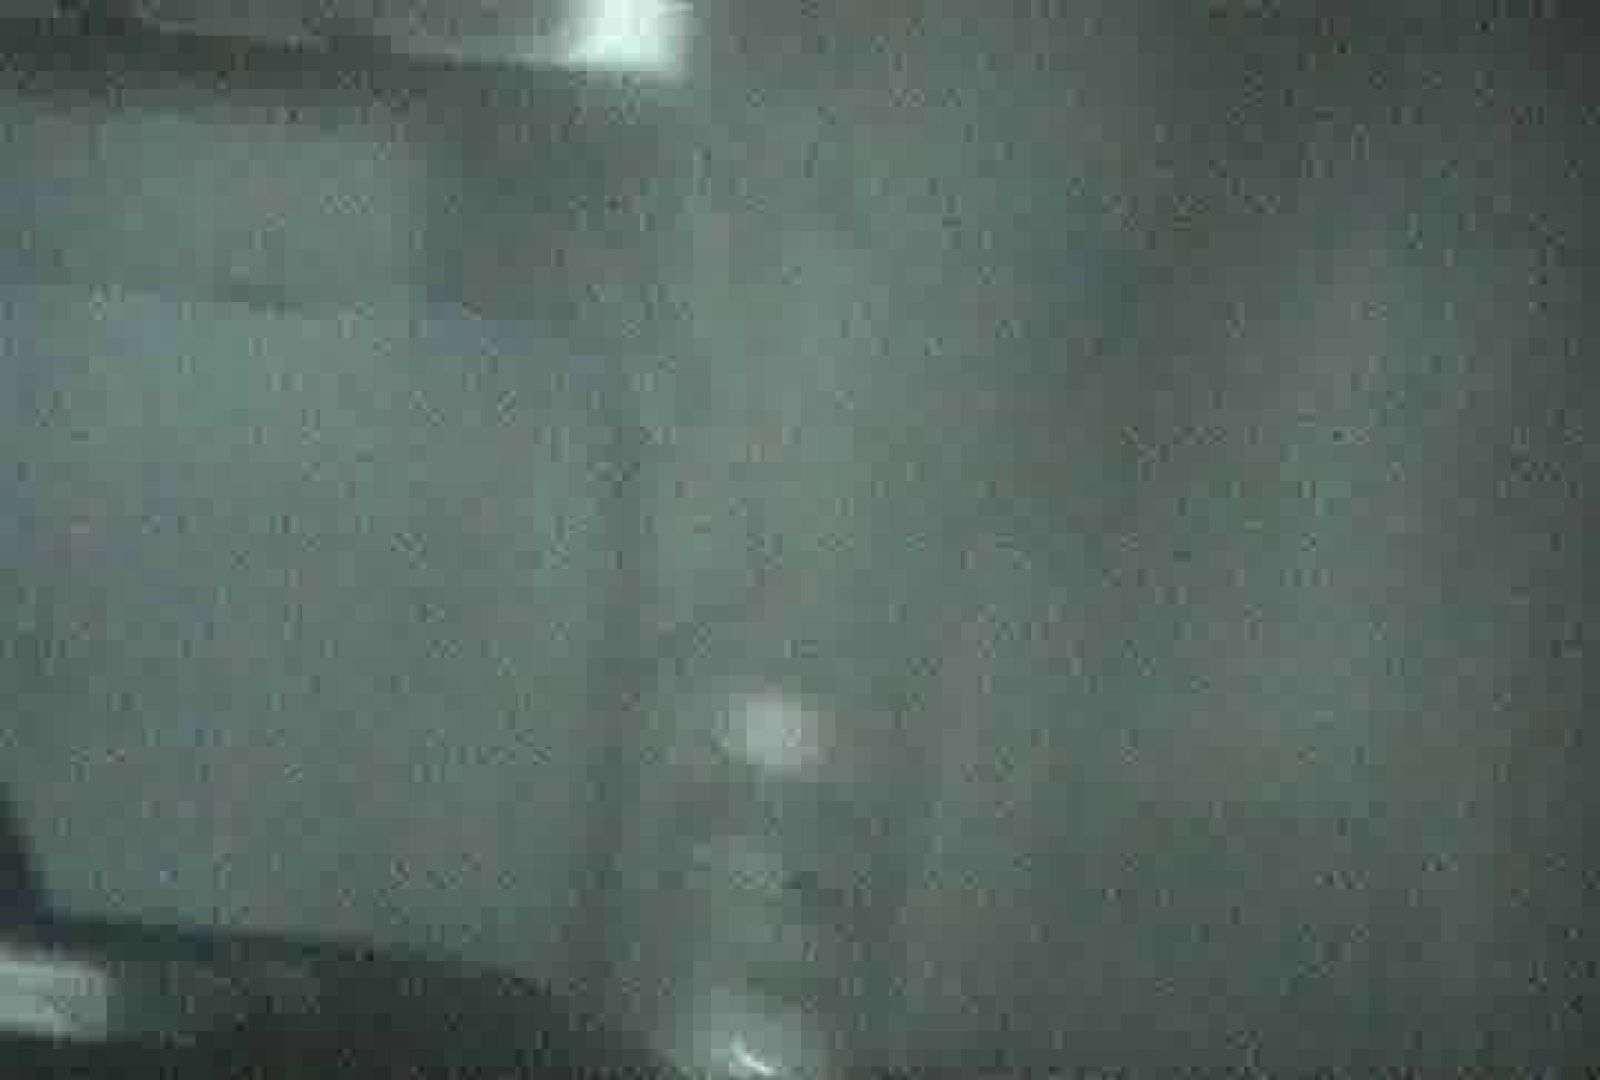 充血監督の深夜の運動会Vol.74 熟女丸裸 | 現役ギャル  96pic 22